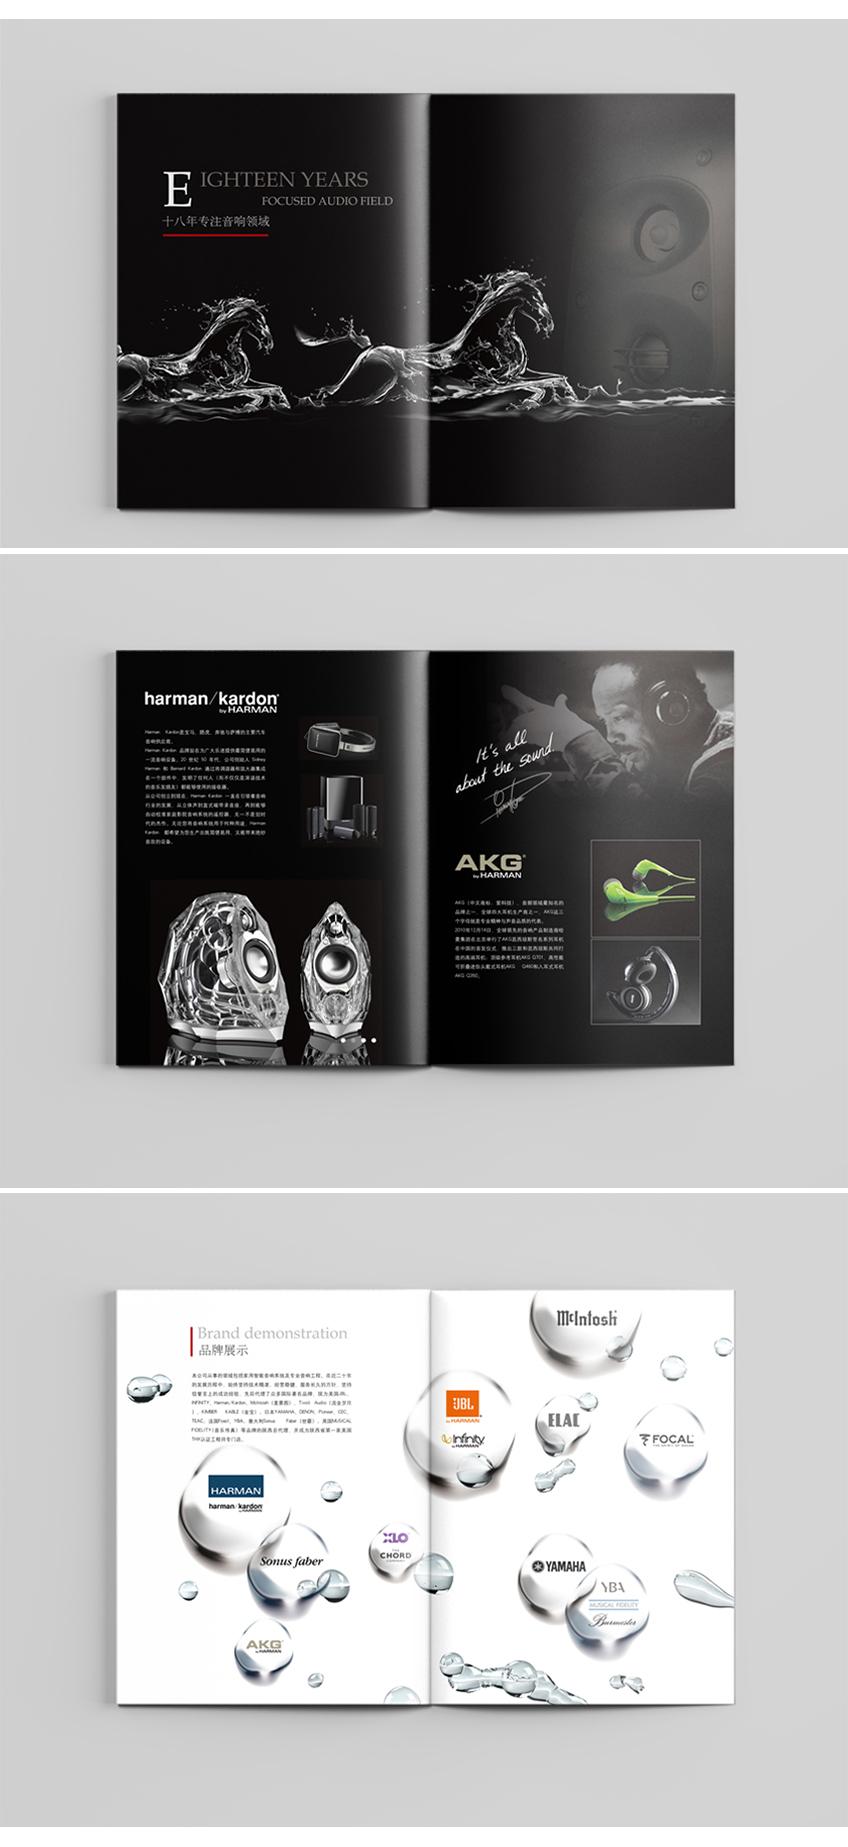 宣传册设计_企业画册宣传册设计册子产品手册宣传品公司图册相册宣传栏礼品册9